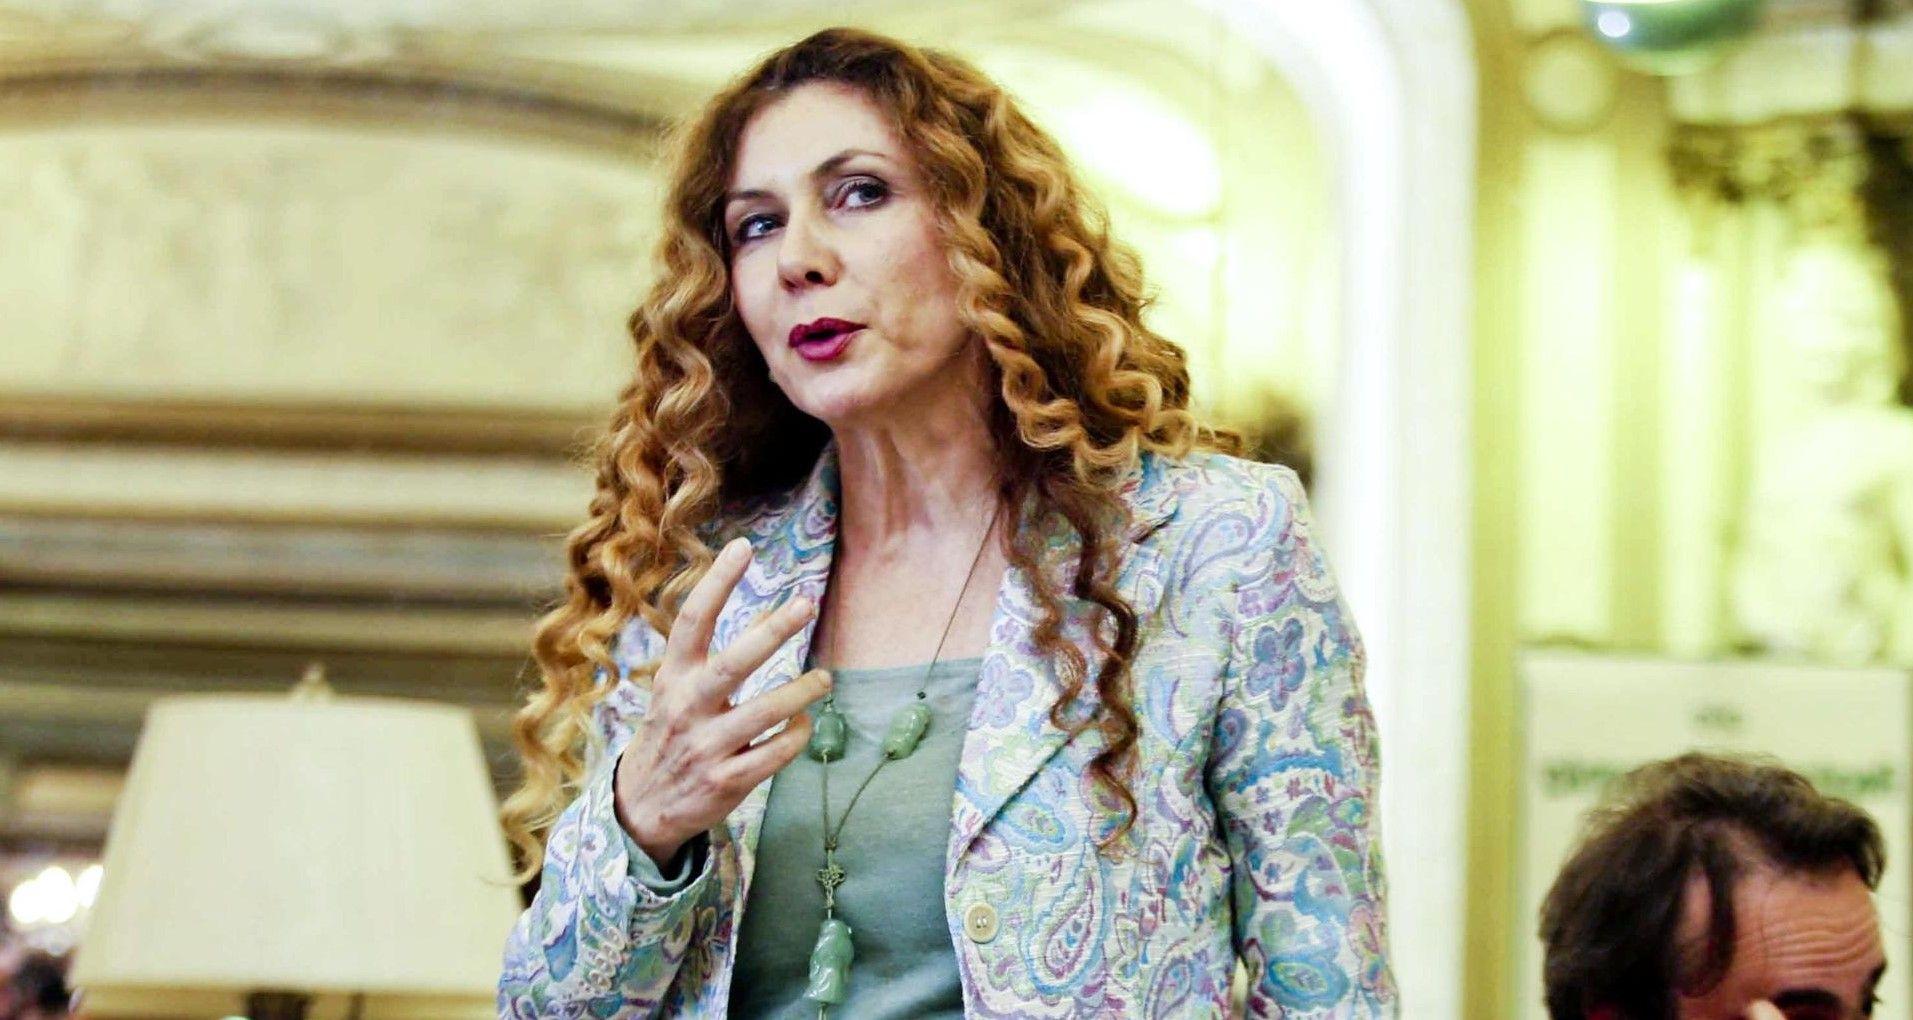 Eleonora Brigliadori contro Nadia Toffa: il dg Mario Orfeo chiede l'esclusione da Pechino Express